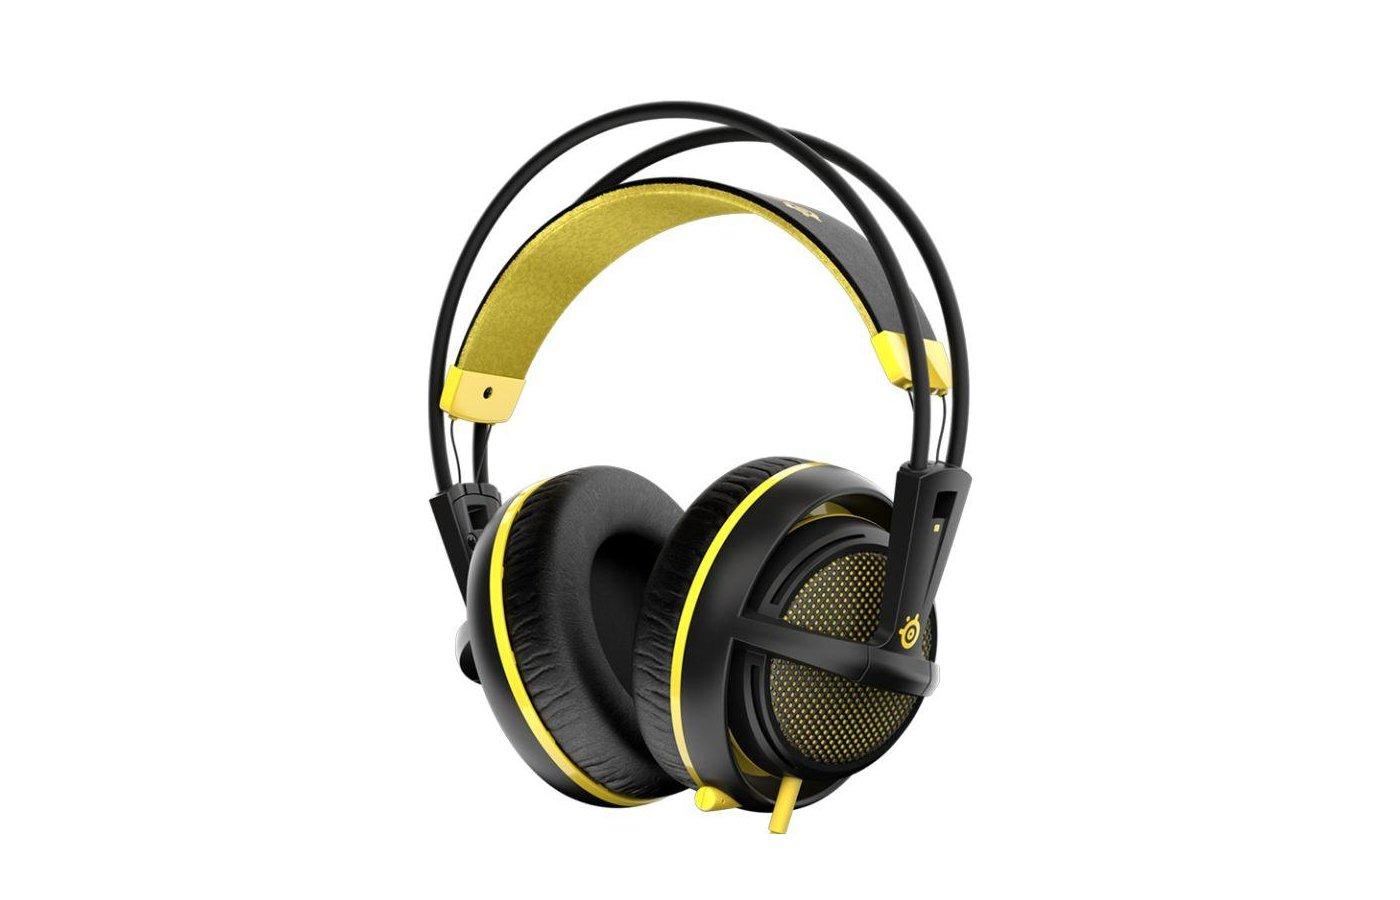 Игровые наушники проводные Steelseries Siberia 200 Proton Yellow желтый/черный (1.8м) мониторы (оголовье)